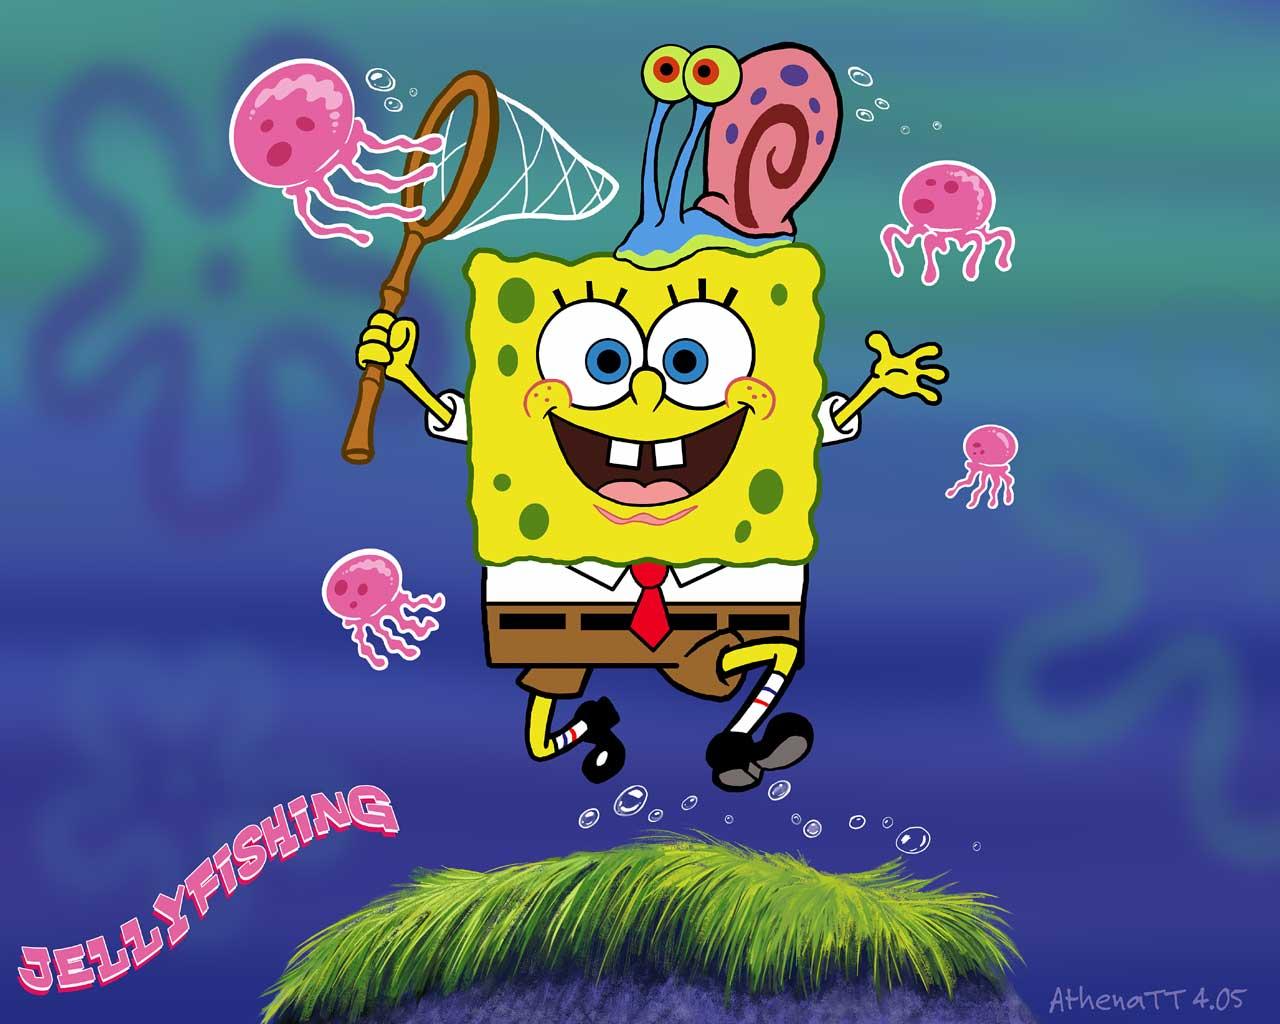 Spongebob Gangsta Wallpaper - Wallpapers And Pictures